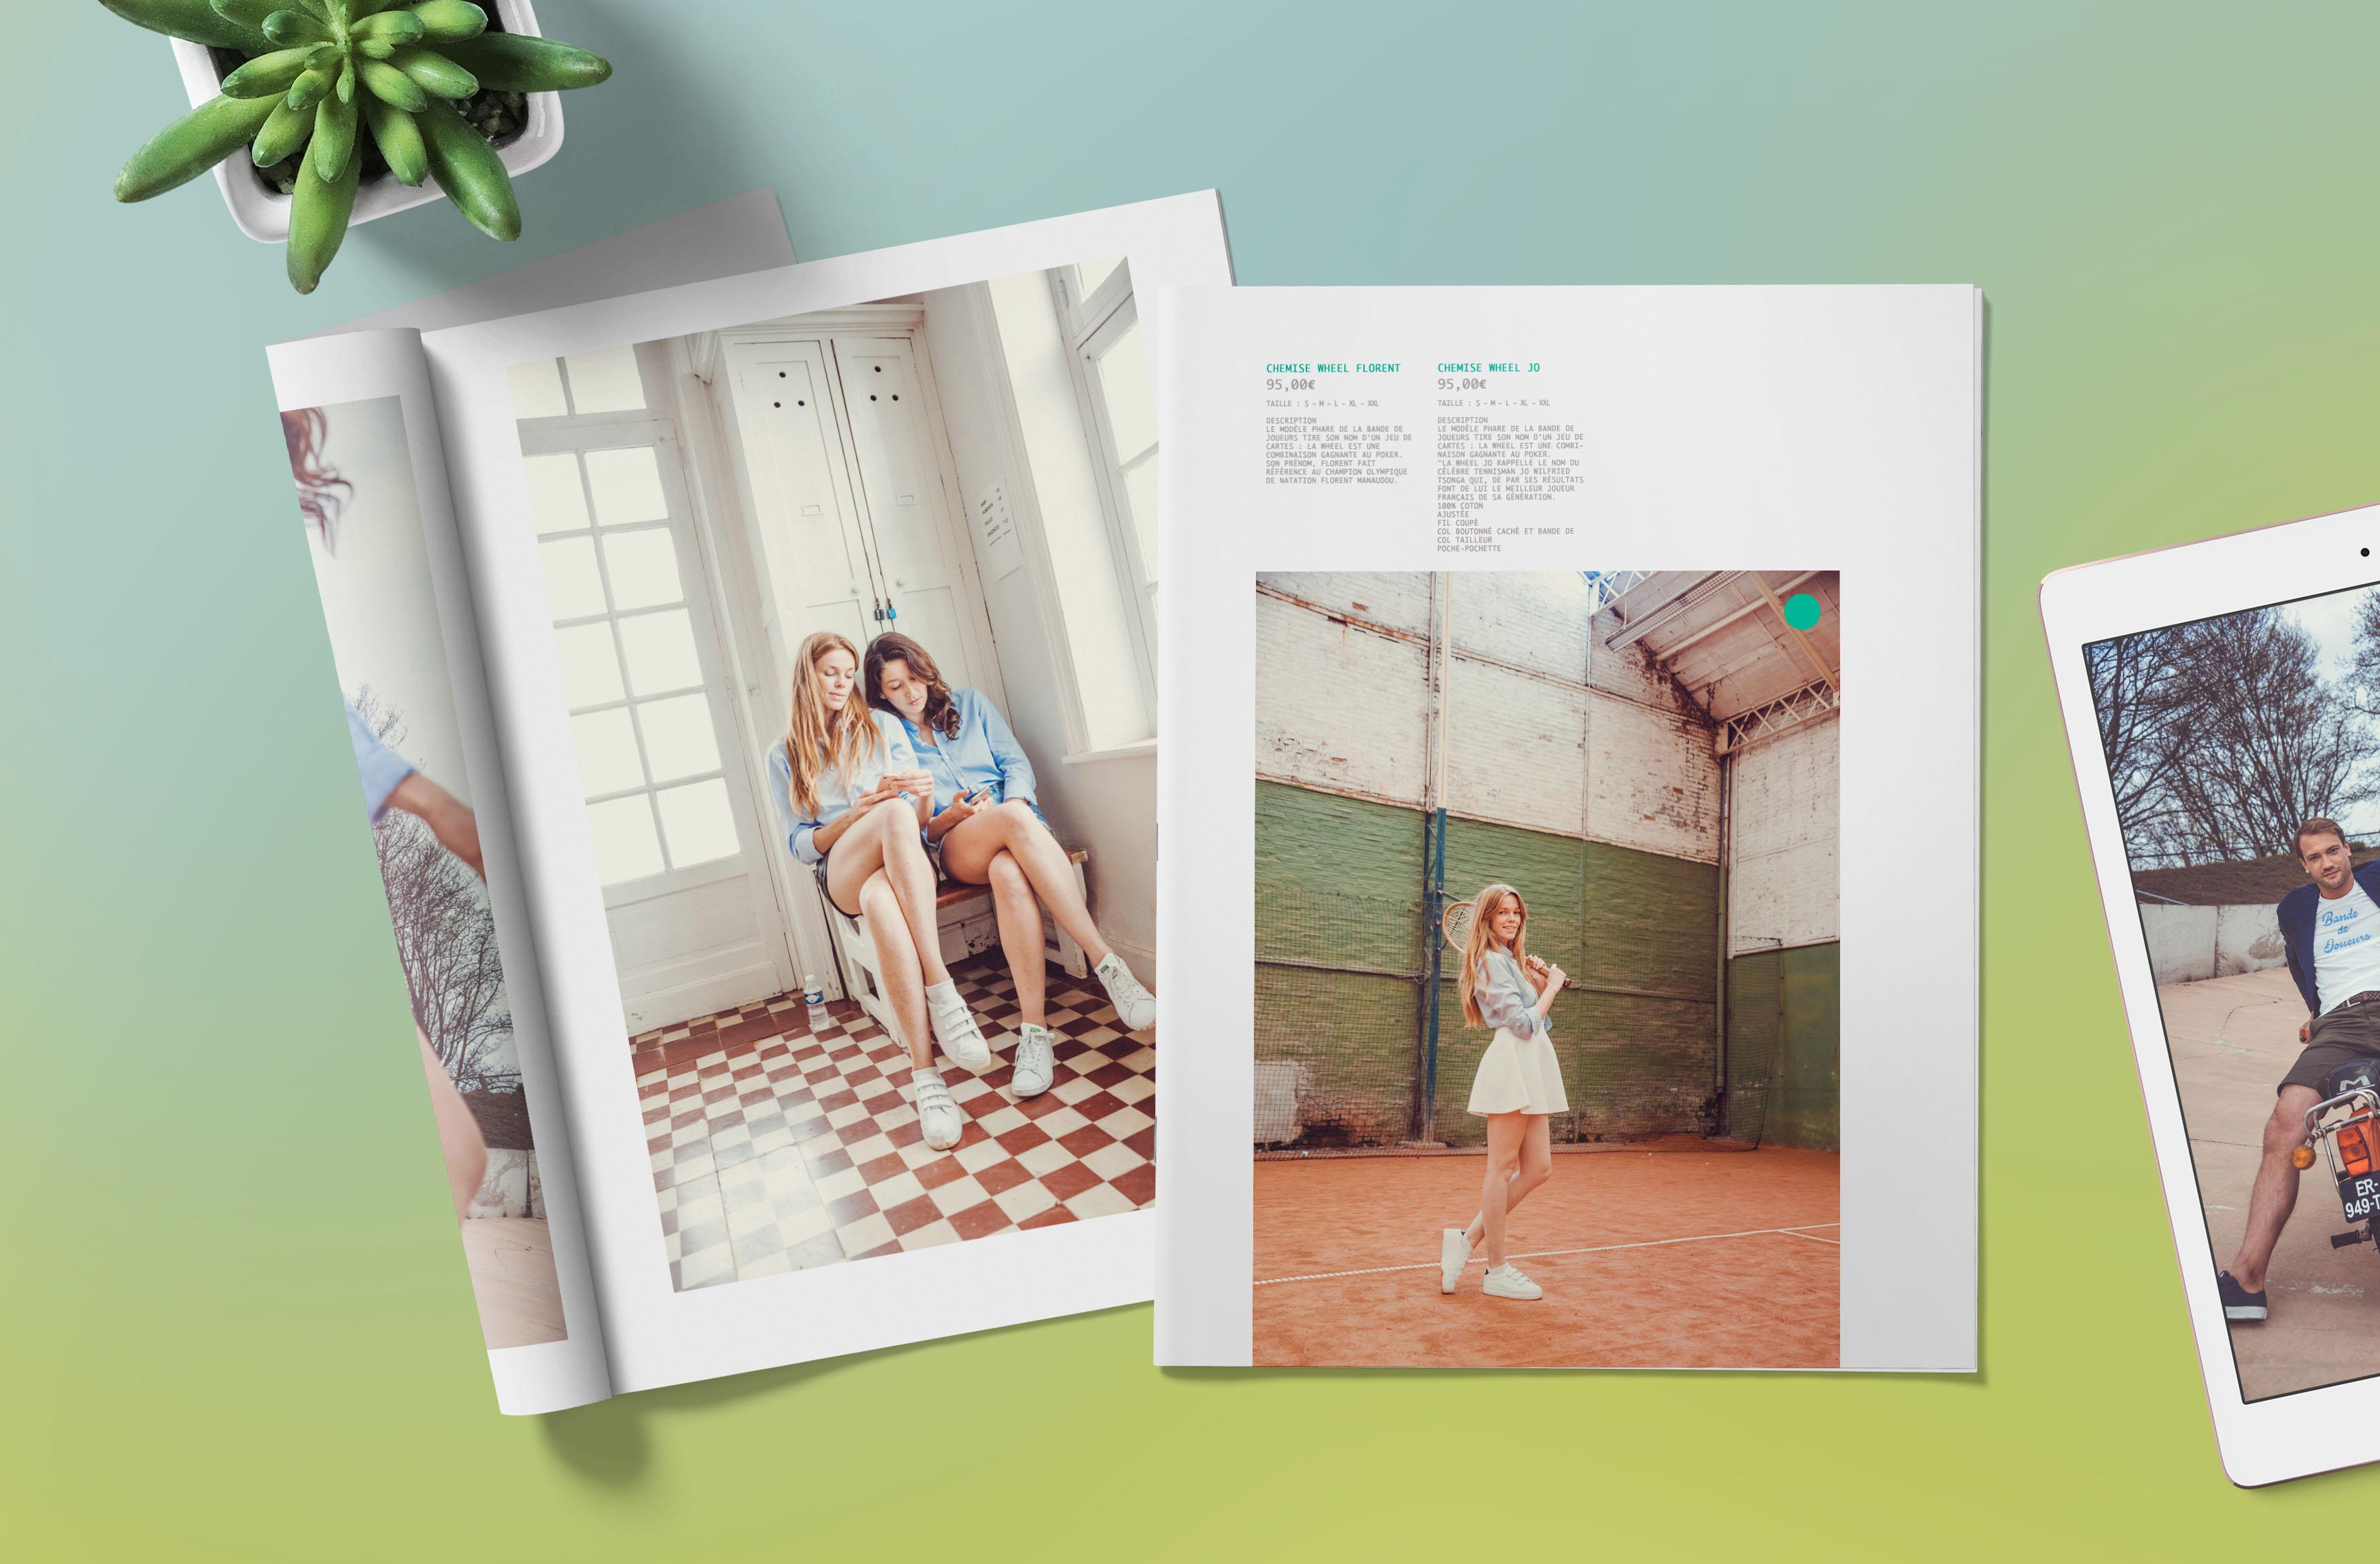 Catalogue de la marque Jaqk, photos, contenu, direction artistique - Sakkamoto - L'agence de publicité et de création de contenu Lilloise sakkamoto gère l'intégralité de la création et de la communication pour ses clients ! des concepteurs rédacteurs, des directeurs artistiques, des graphistes séniors.